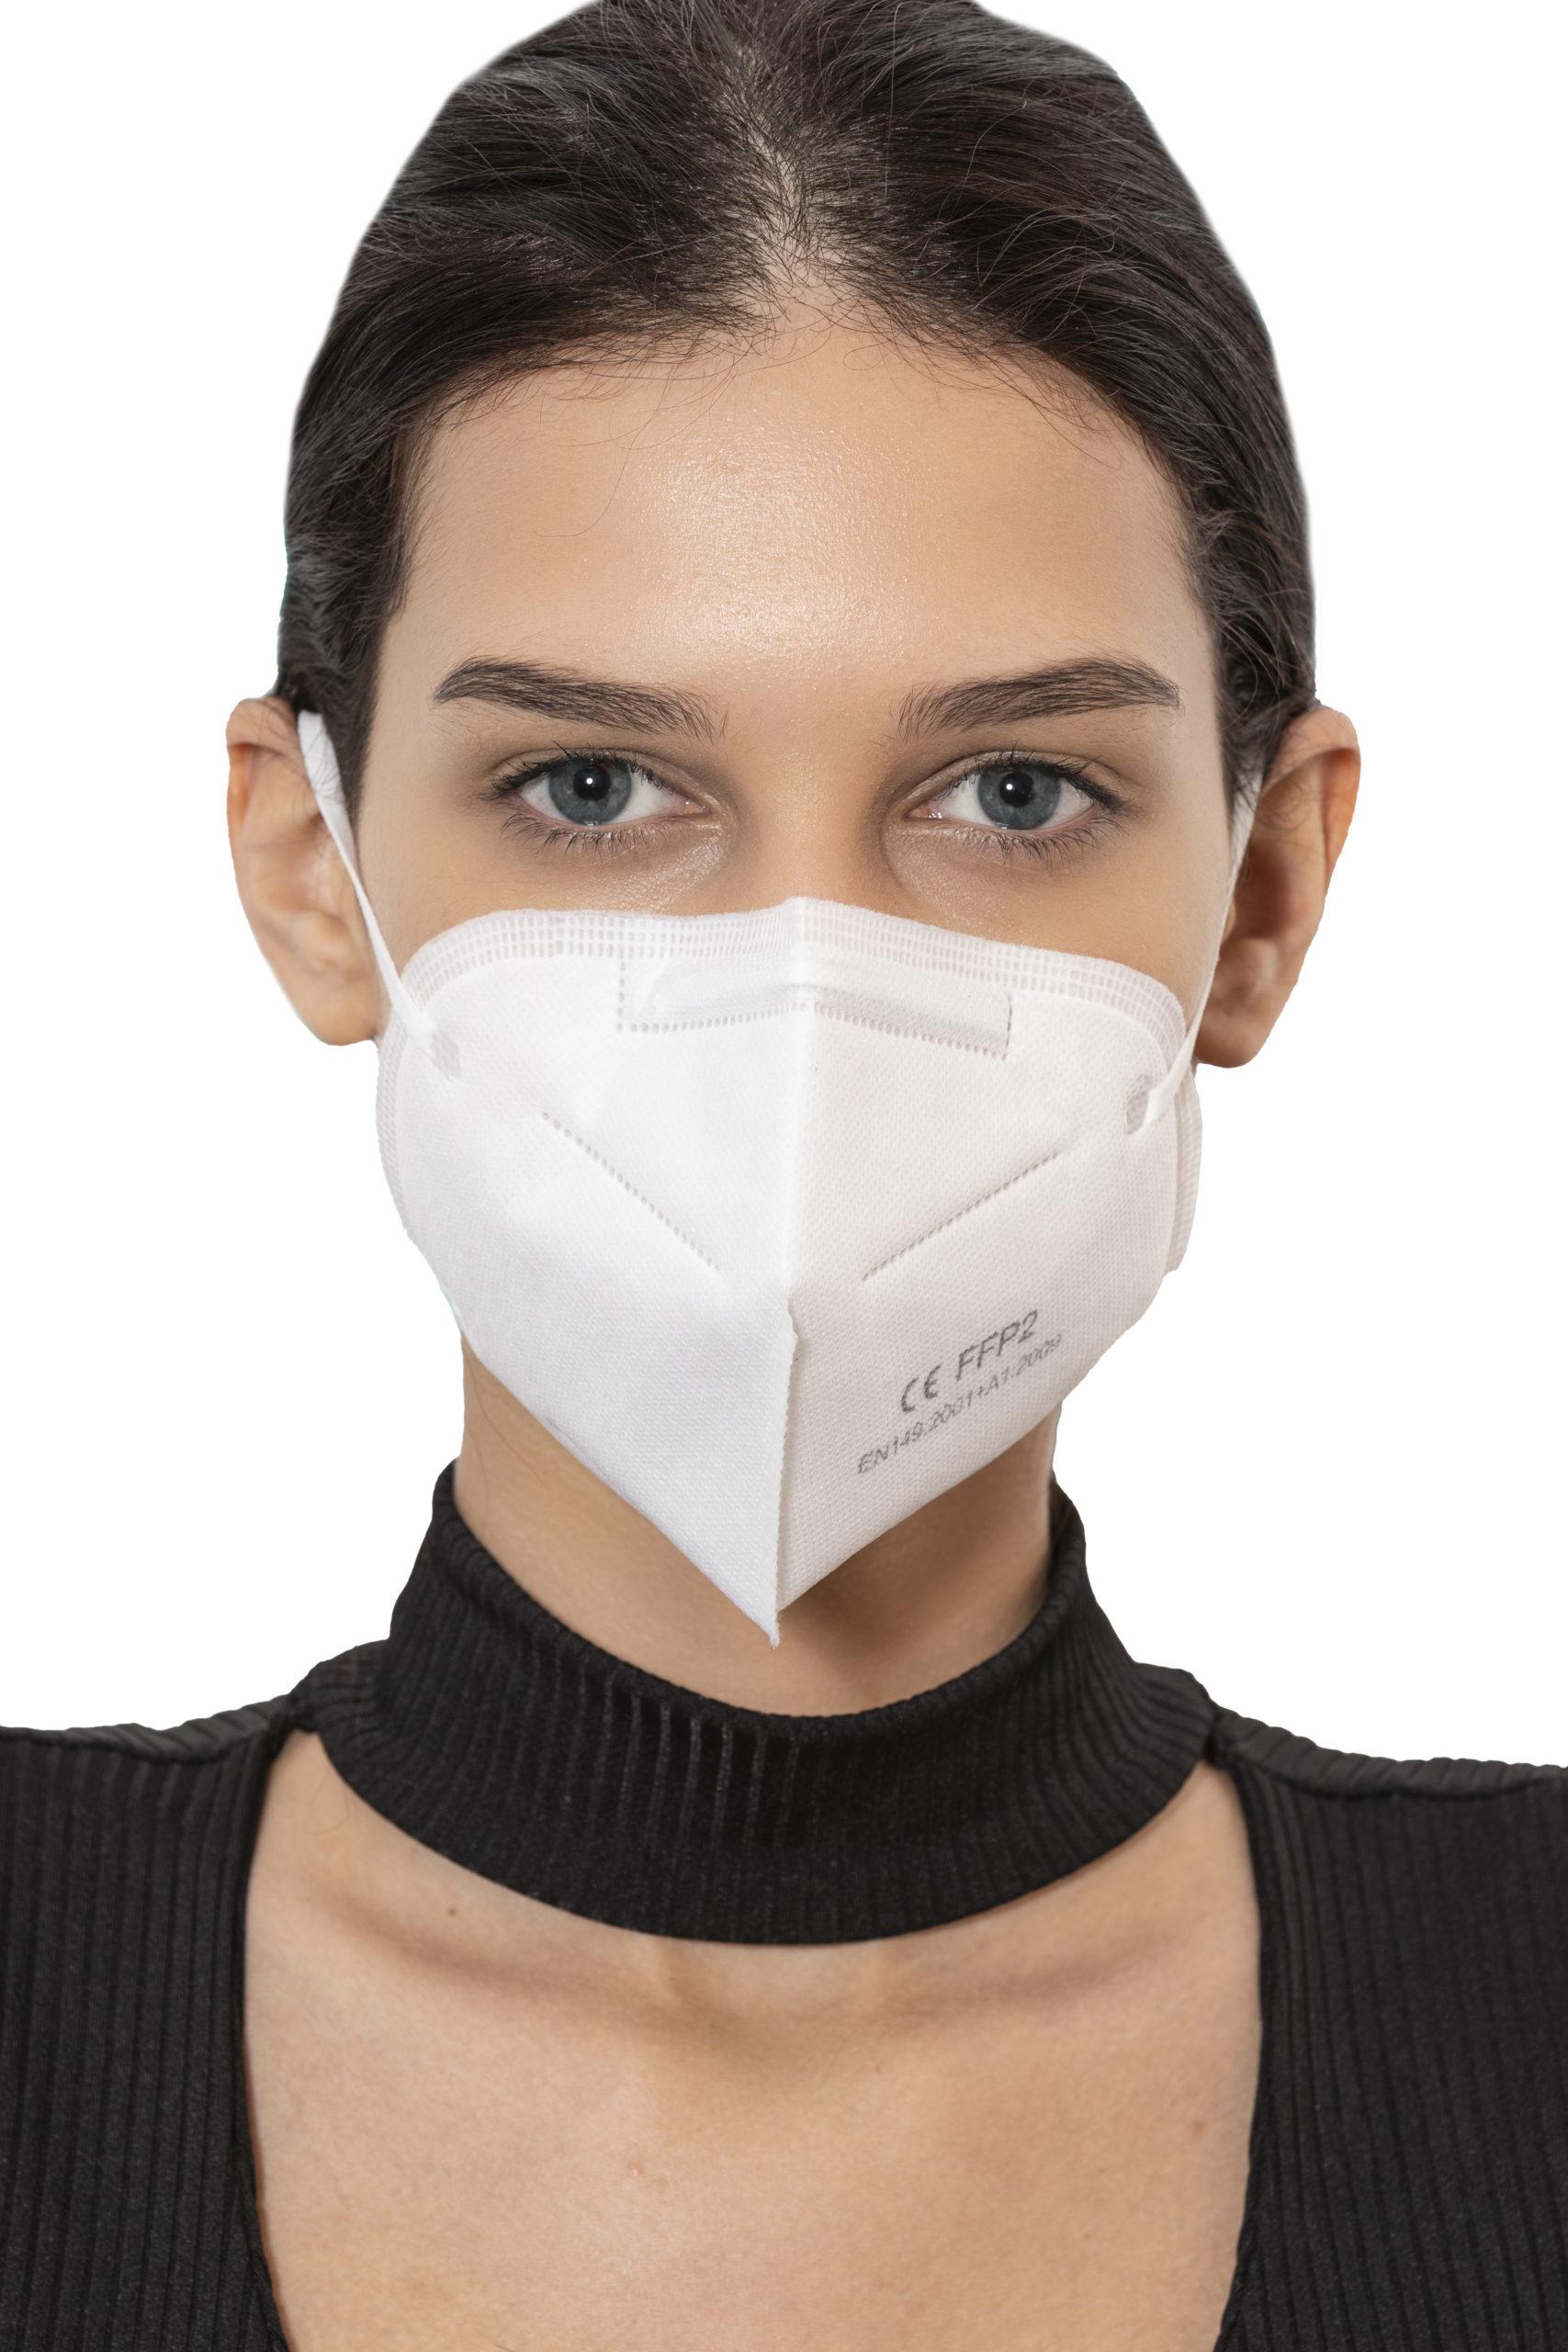 fotografia di giovane donna con mascherina FFP2